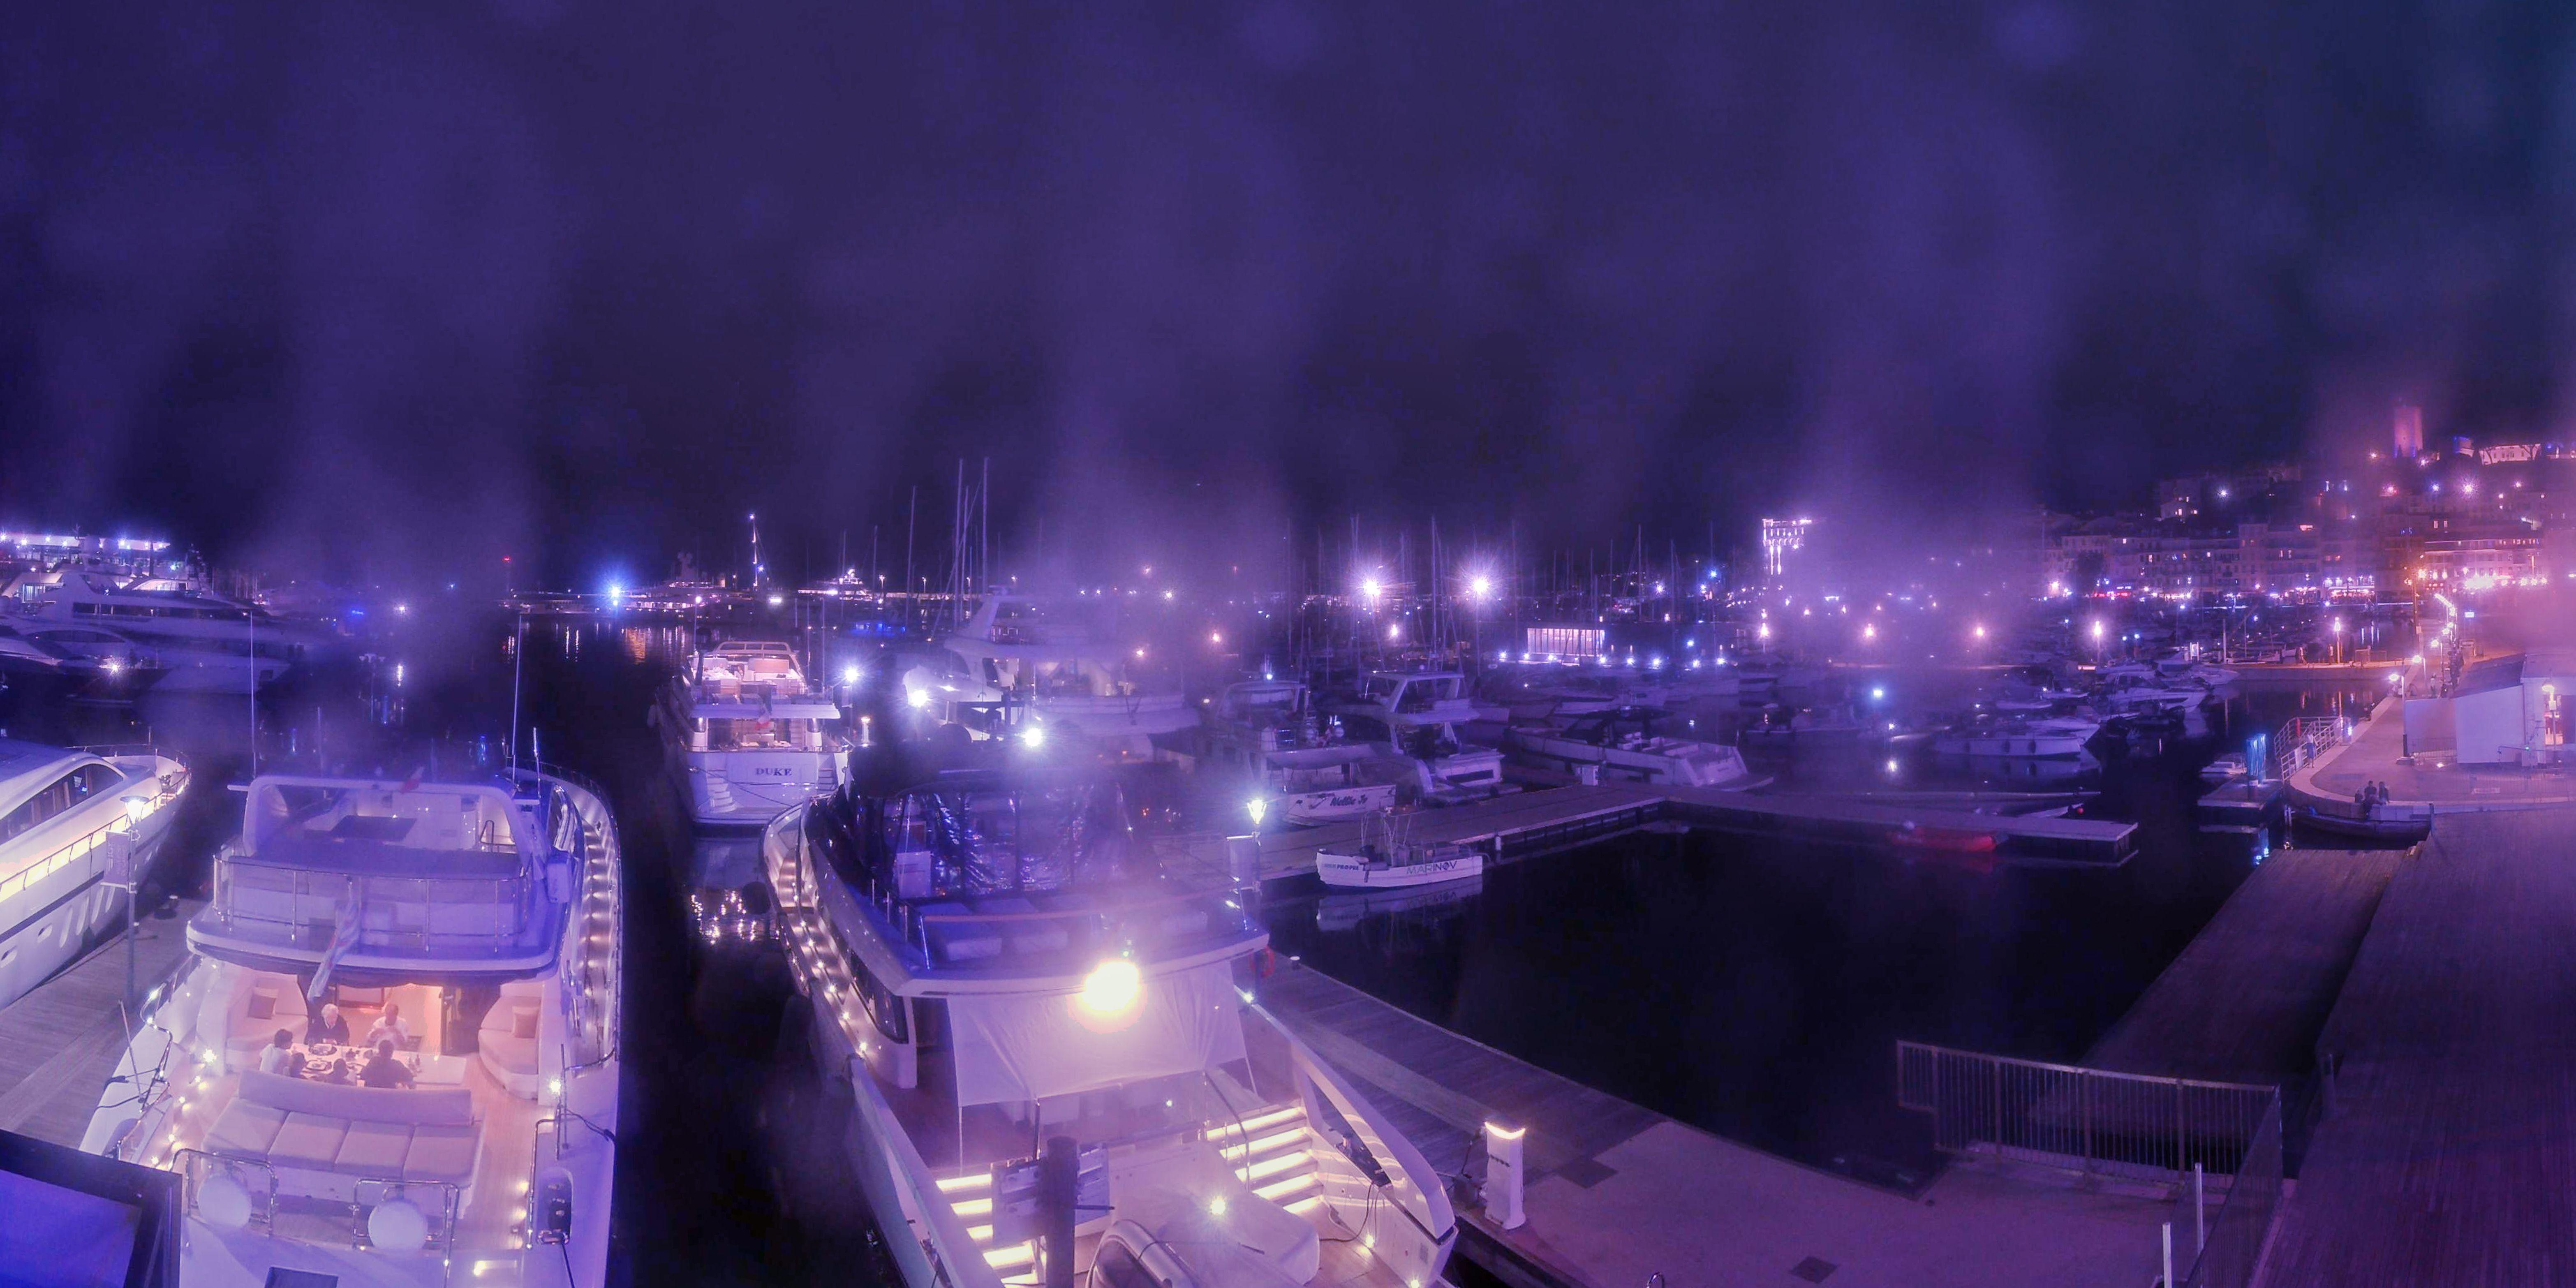 Cannes Di. 23:36